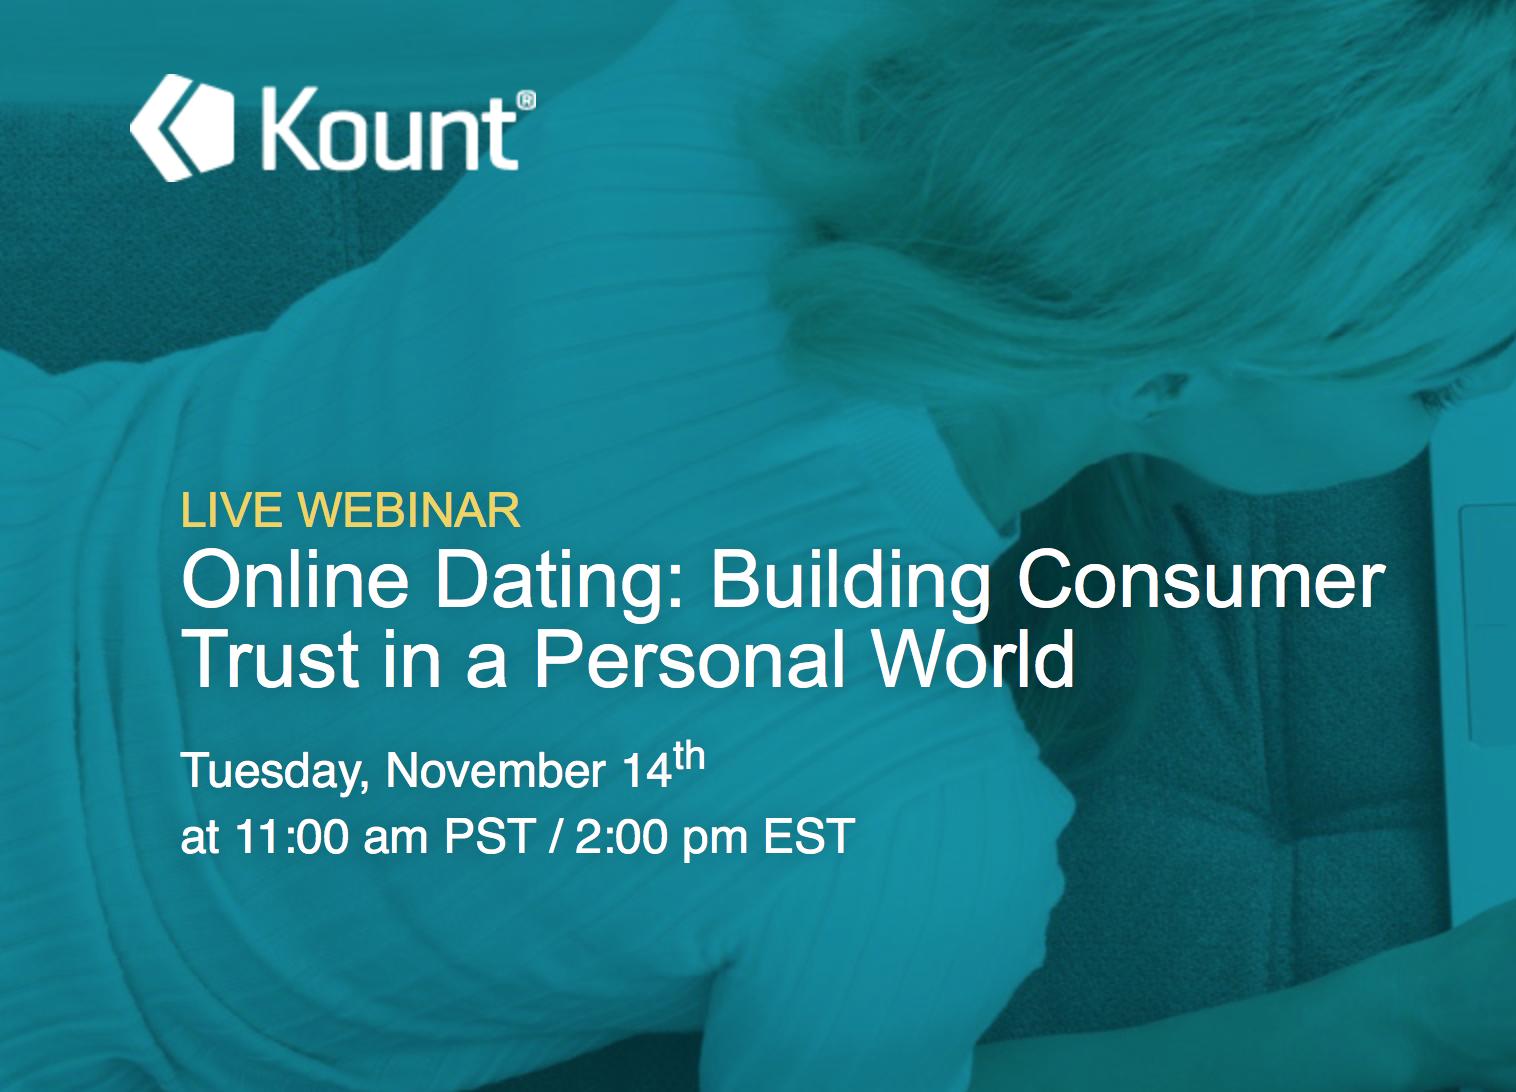 Kount Hosting Webinar Next Week On State Of Online Dating Industry